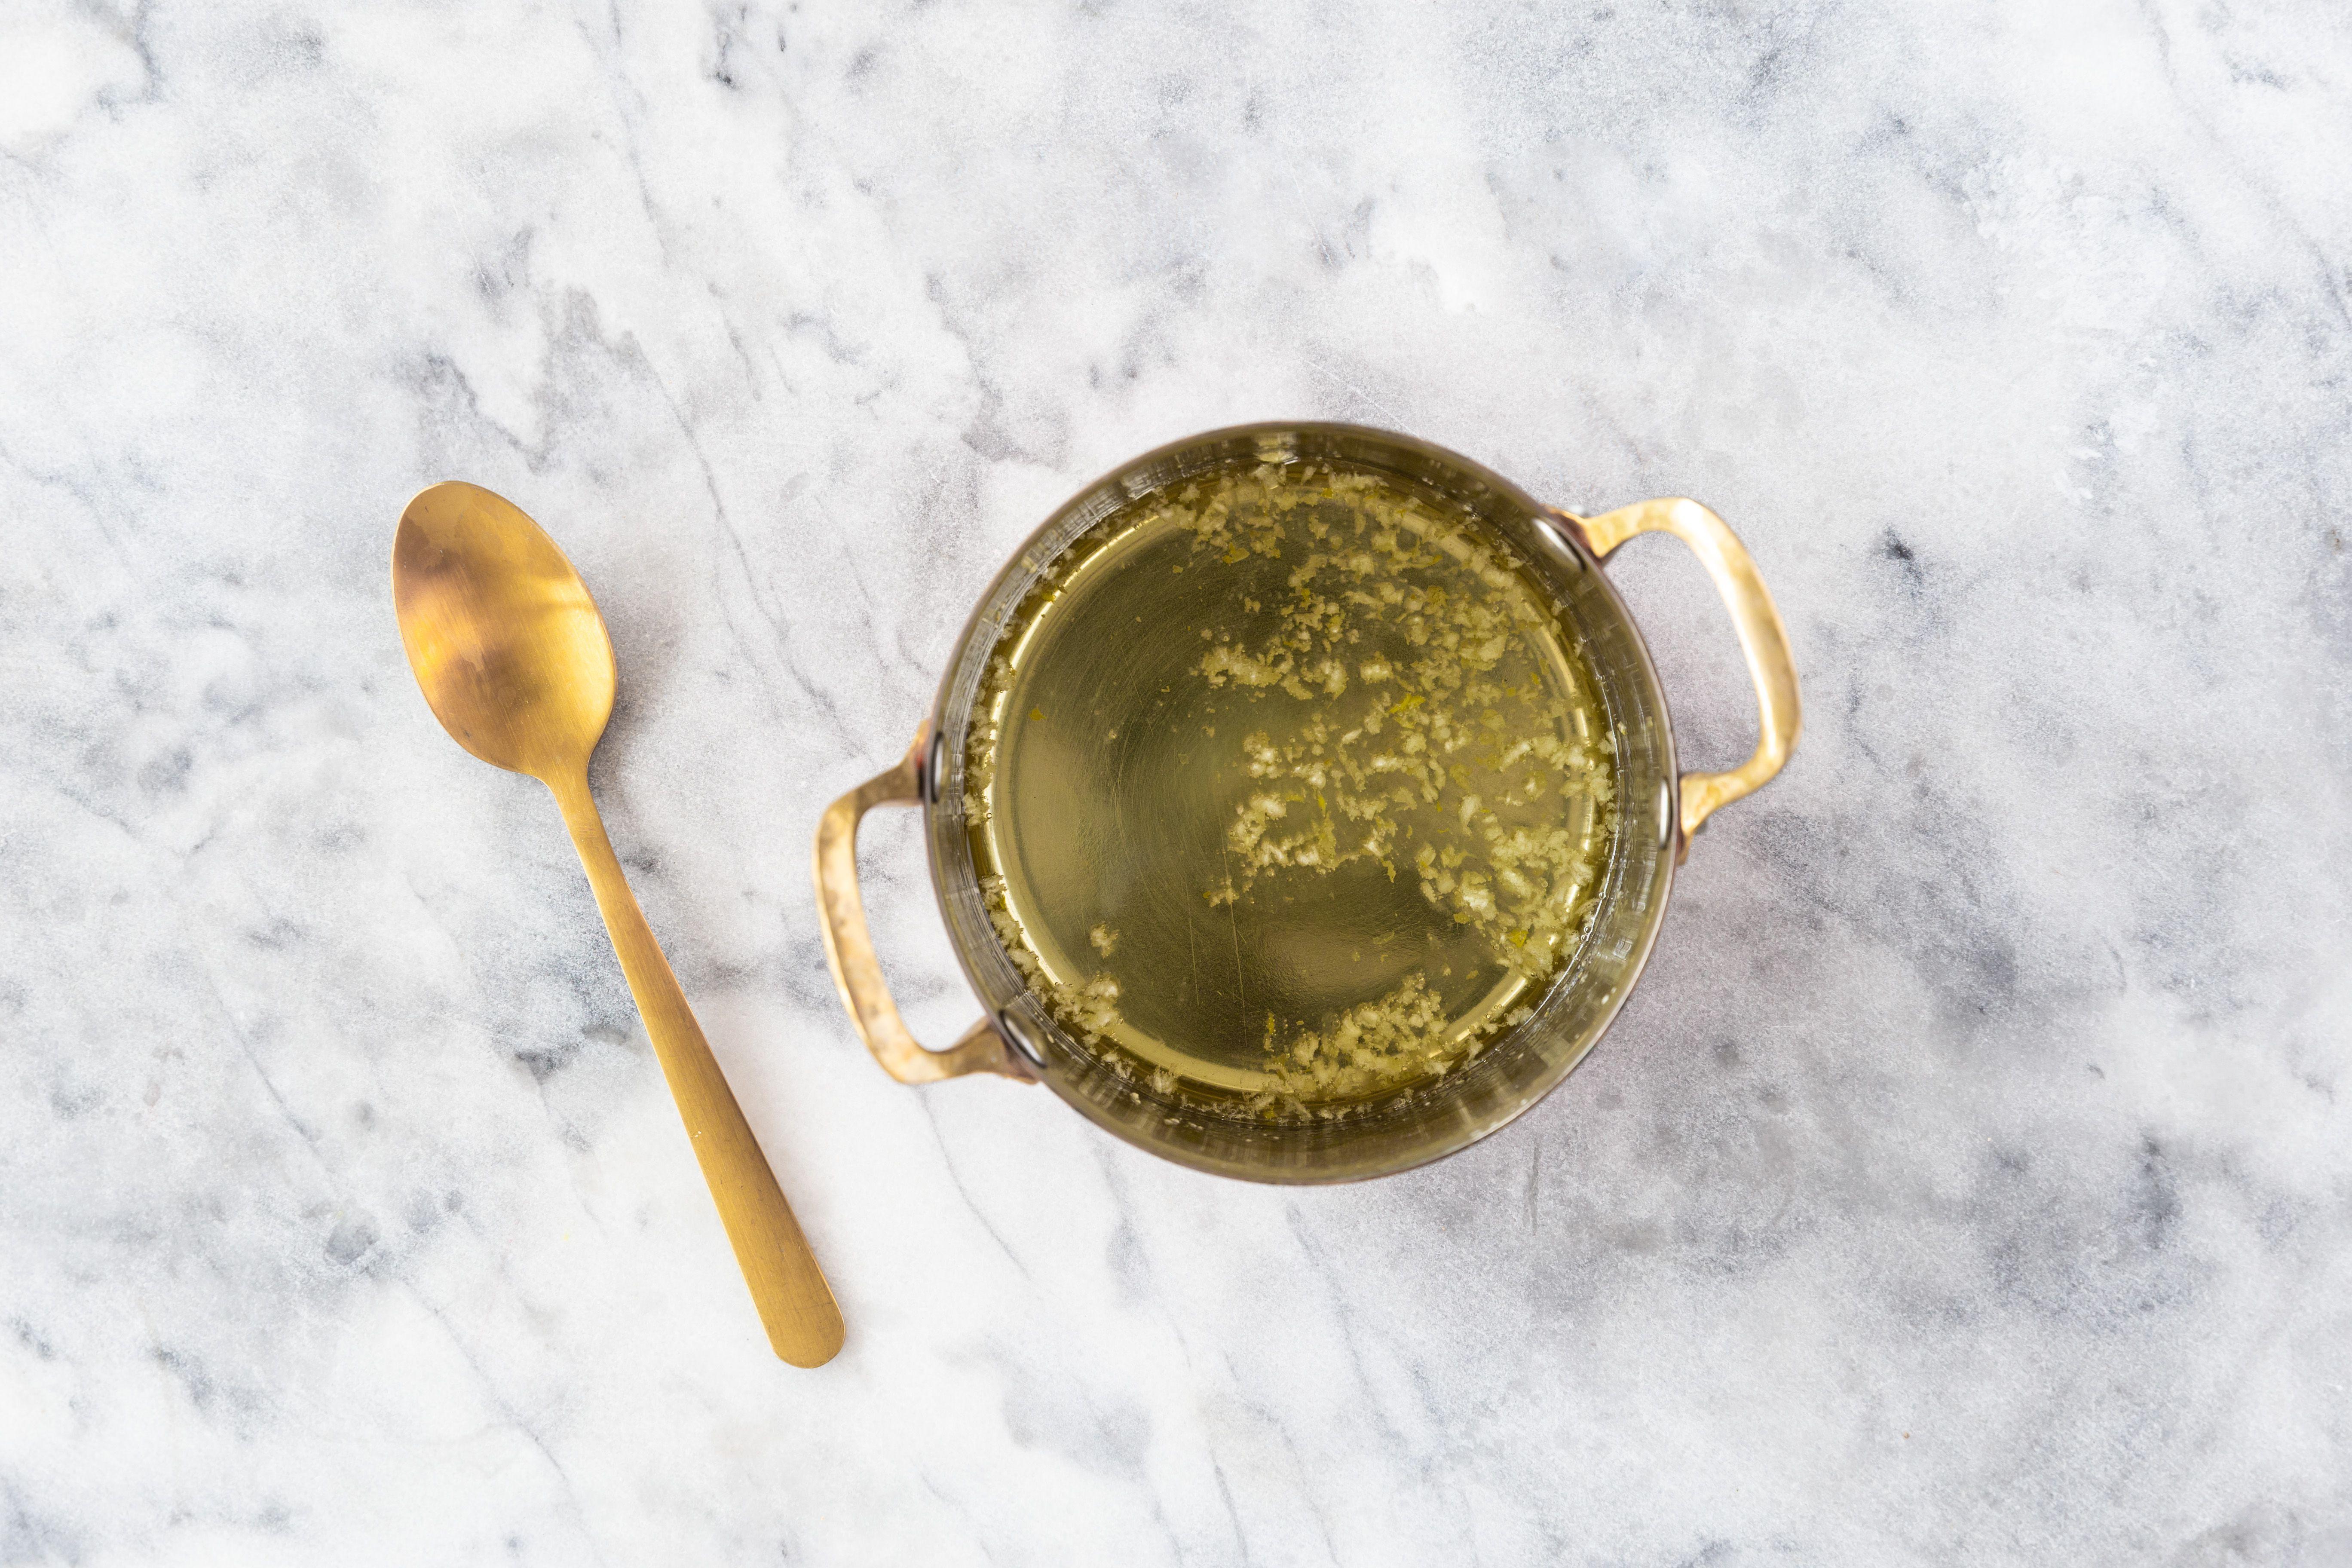 Garlic-infused oil in pan